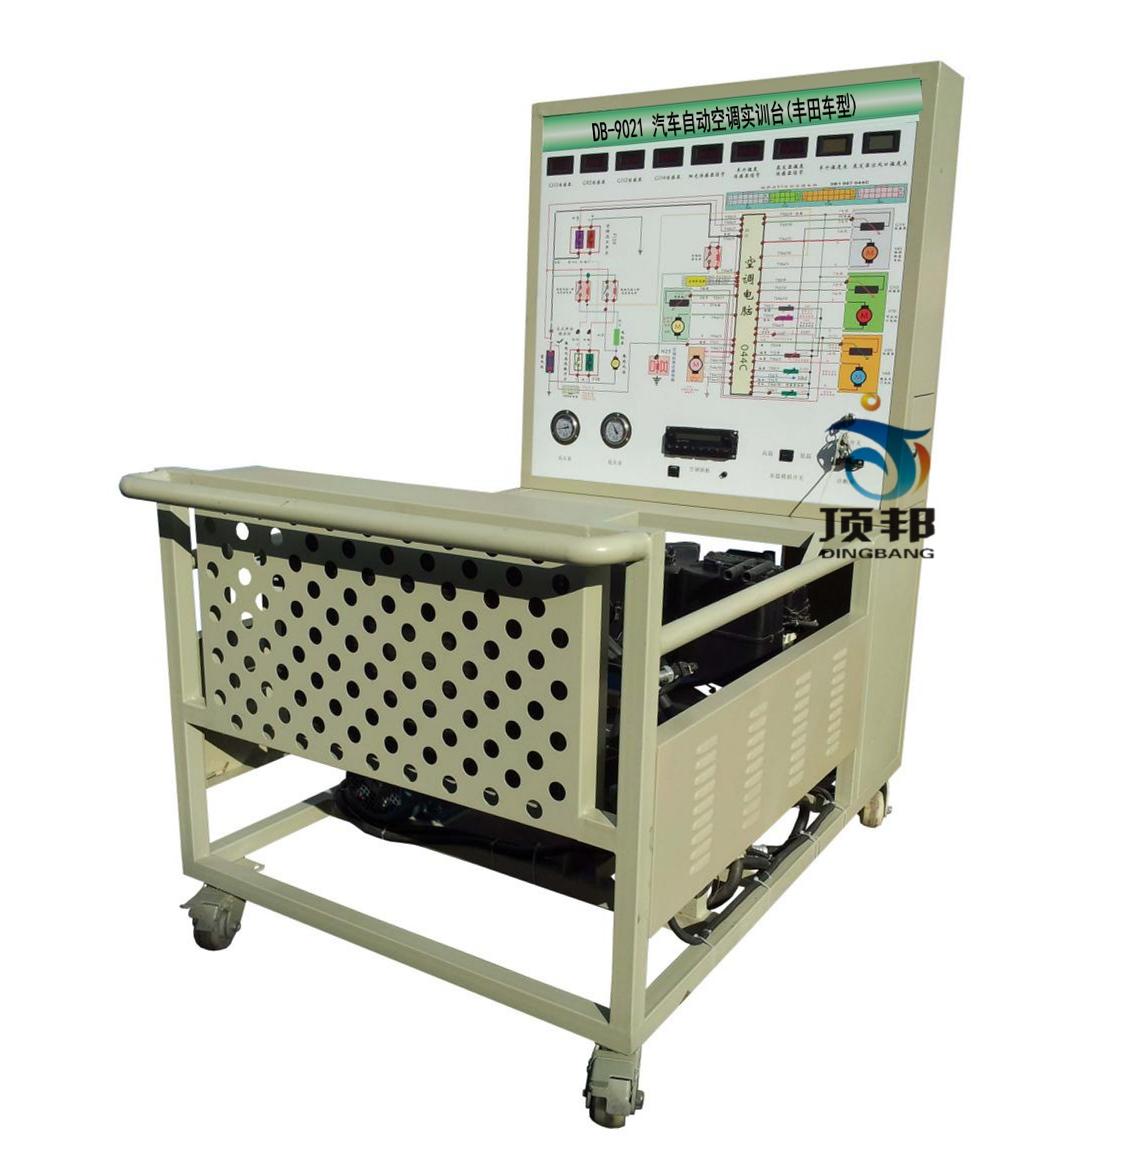 空调实训台(丰田车型)采用原汽车自动空调系统为基础